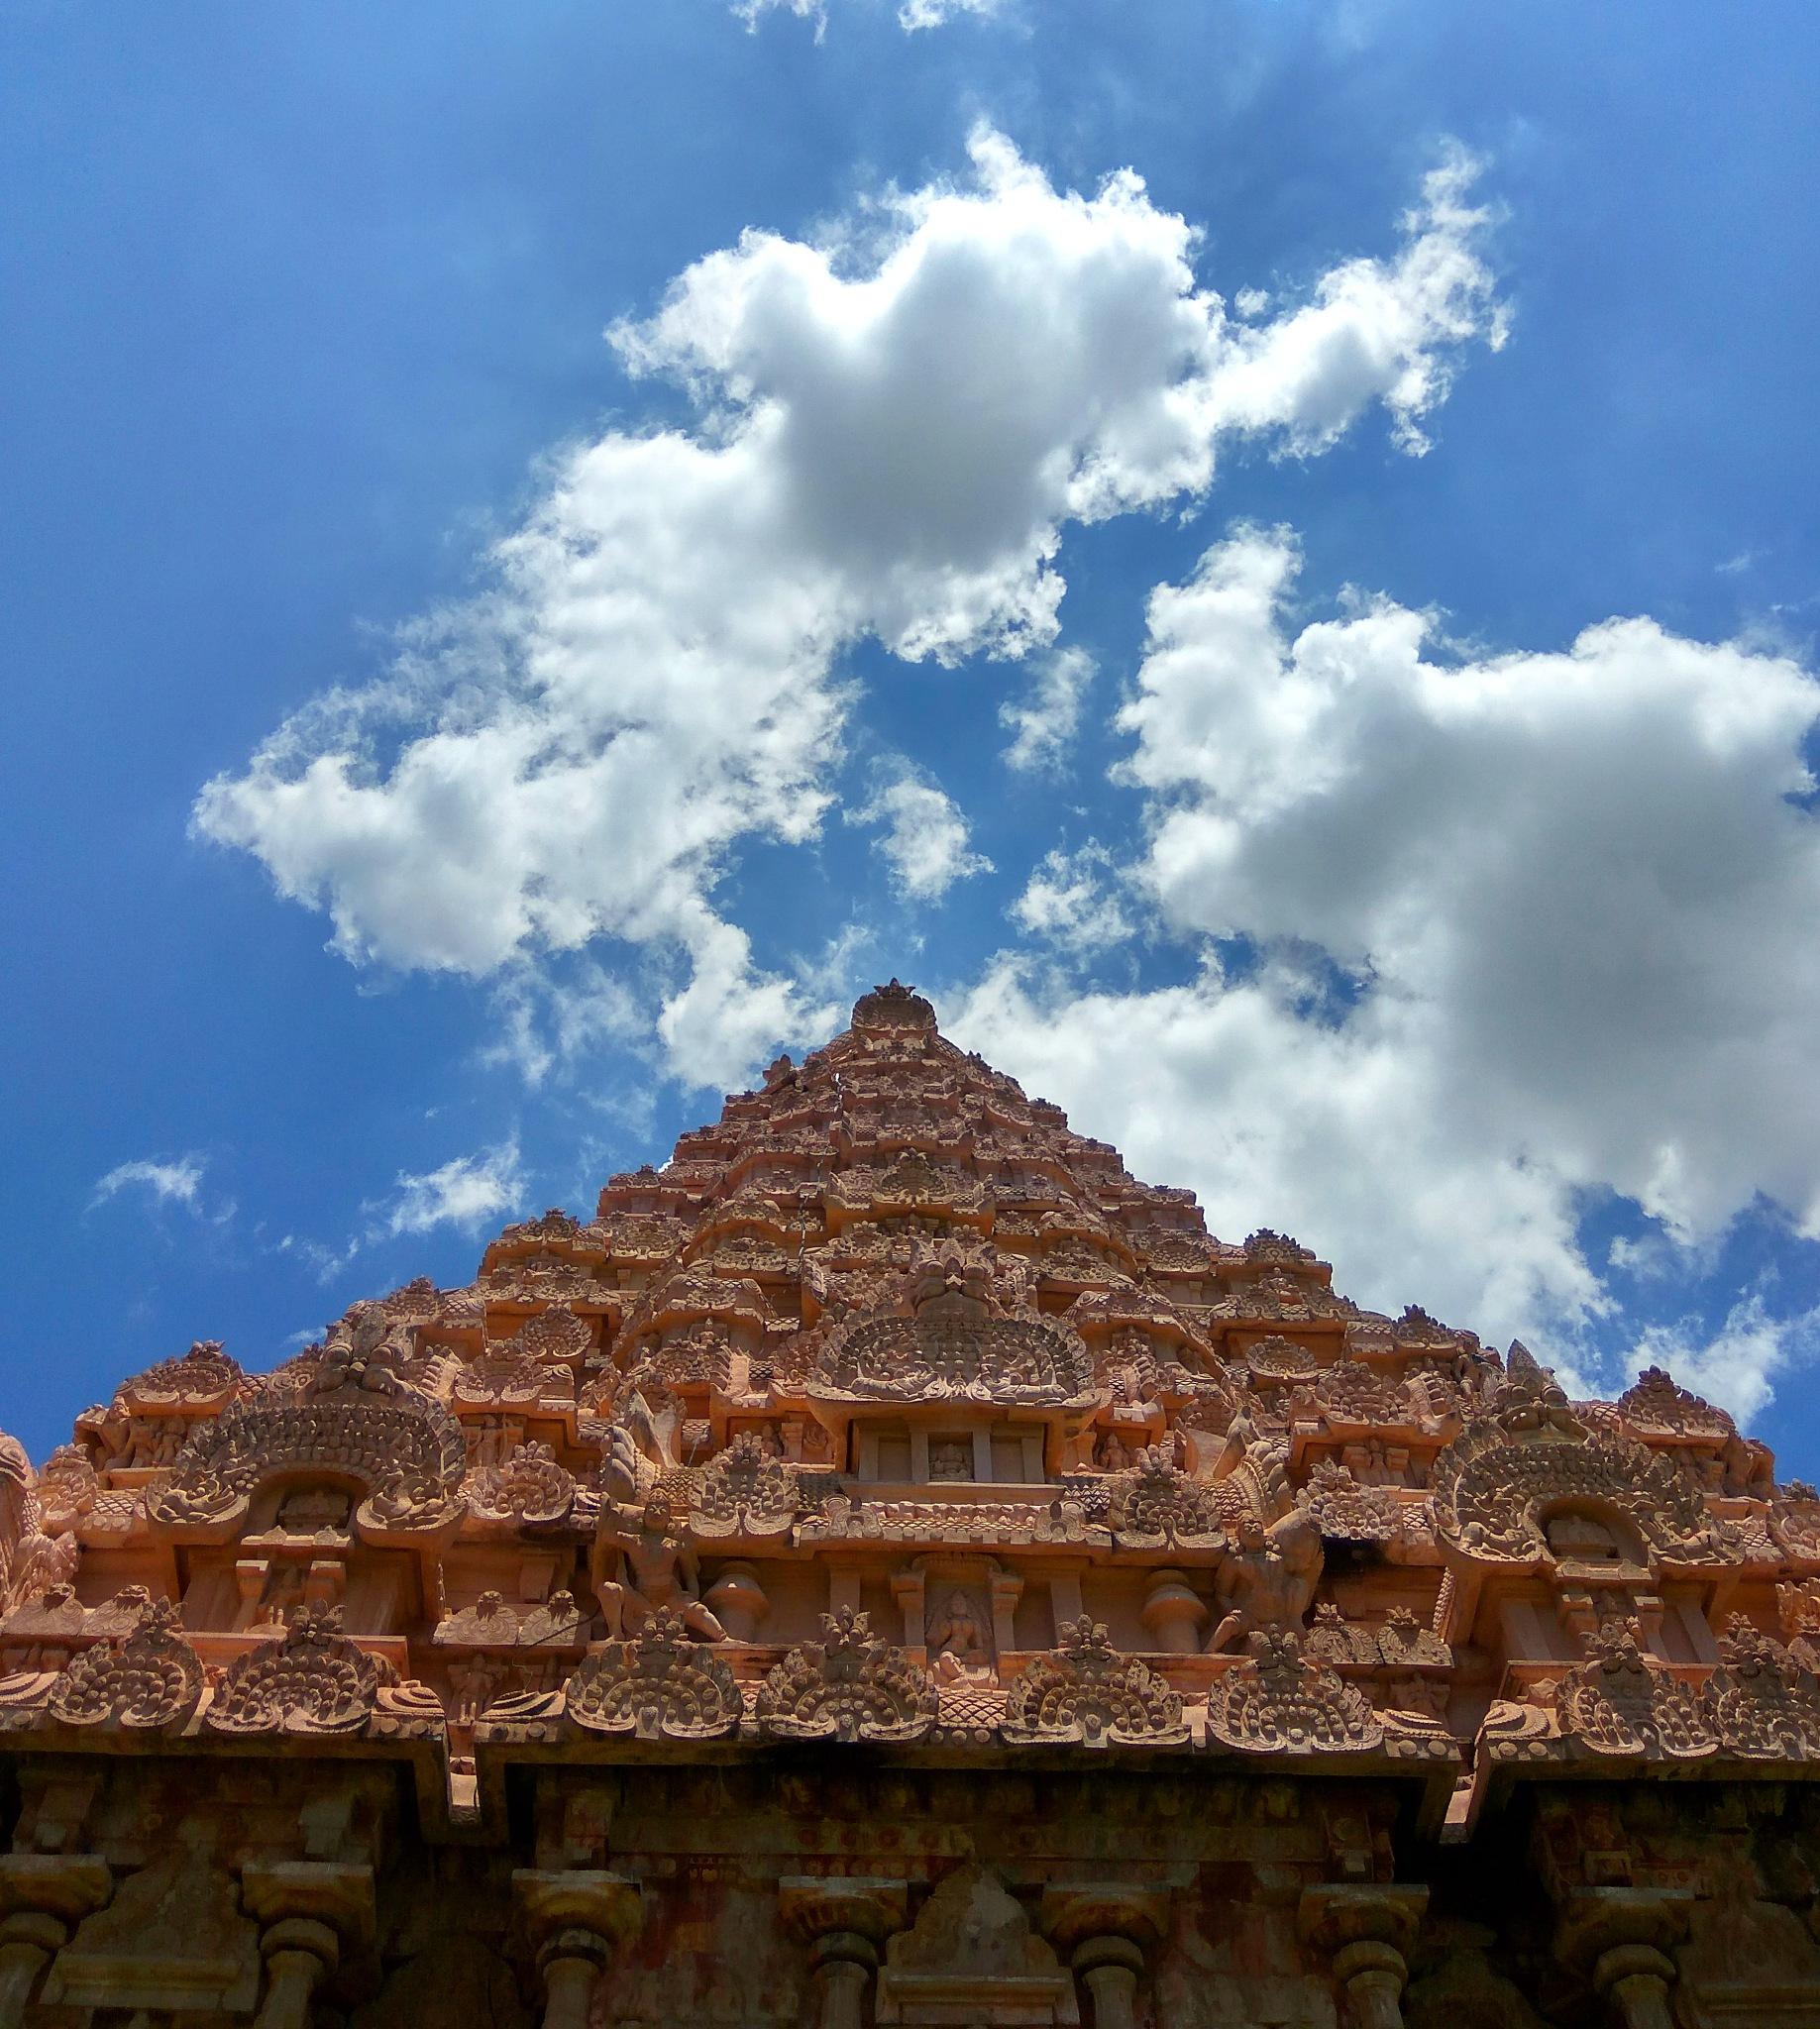 Gangaikonda Cholapuram by santhanakrishnan